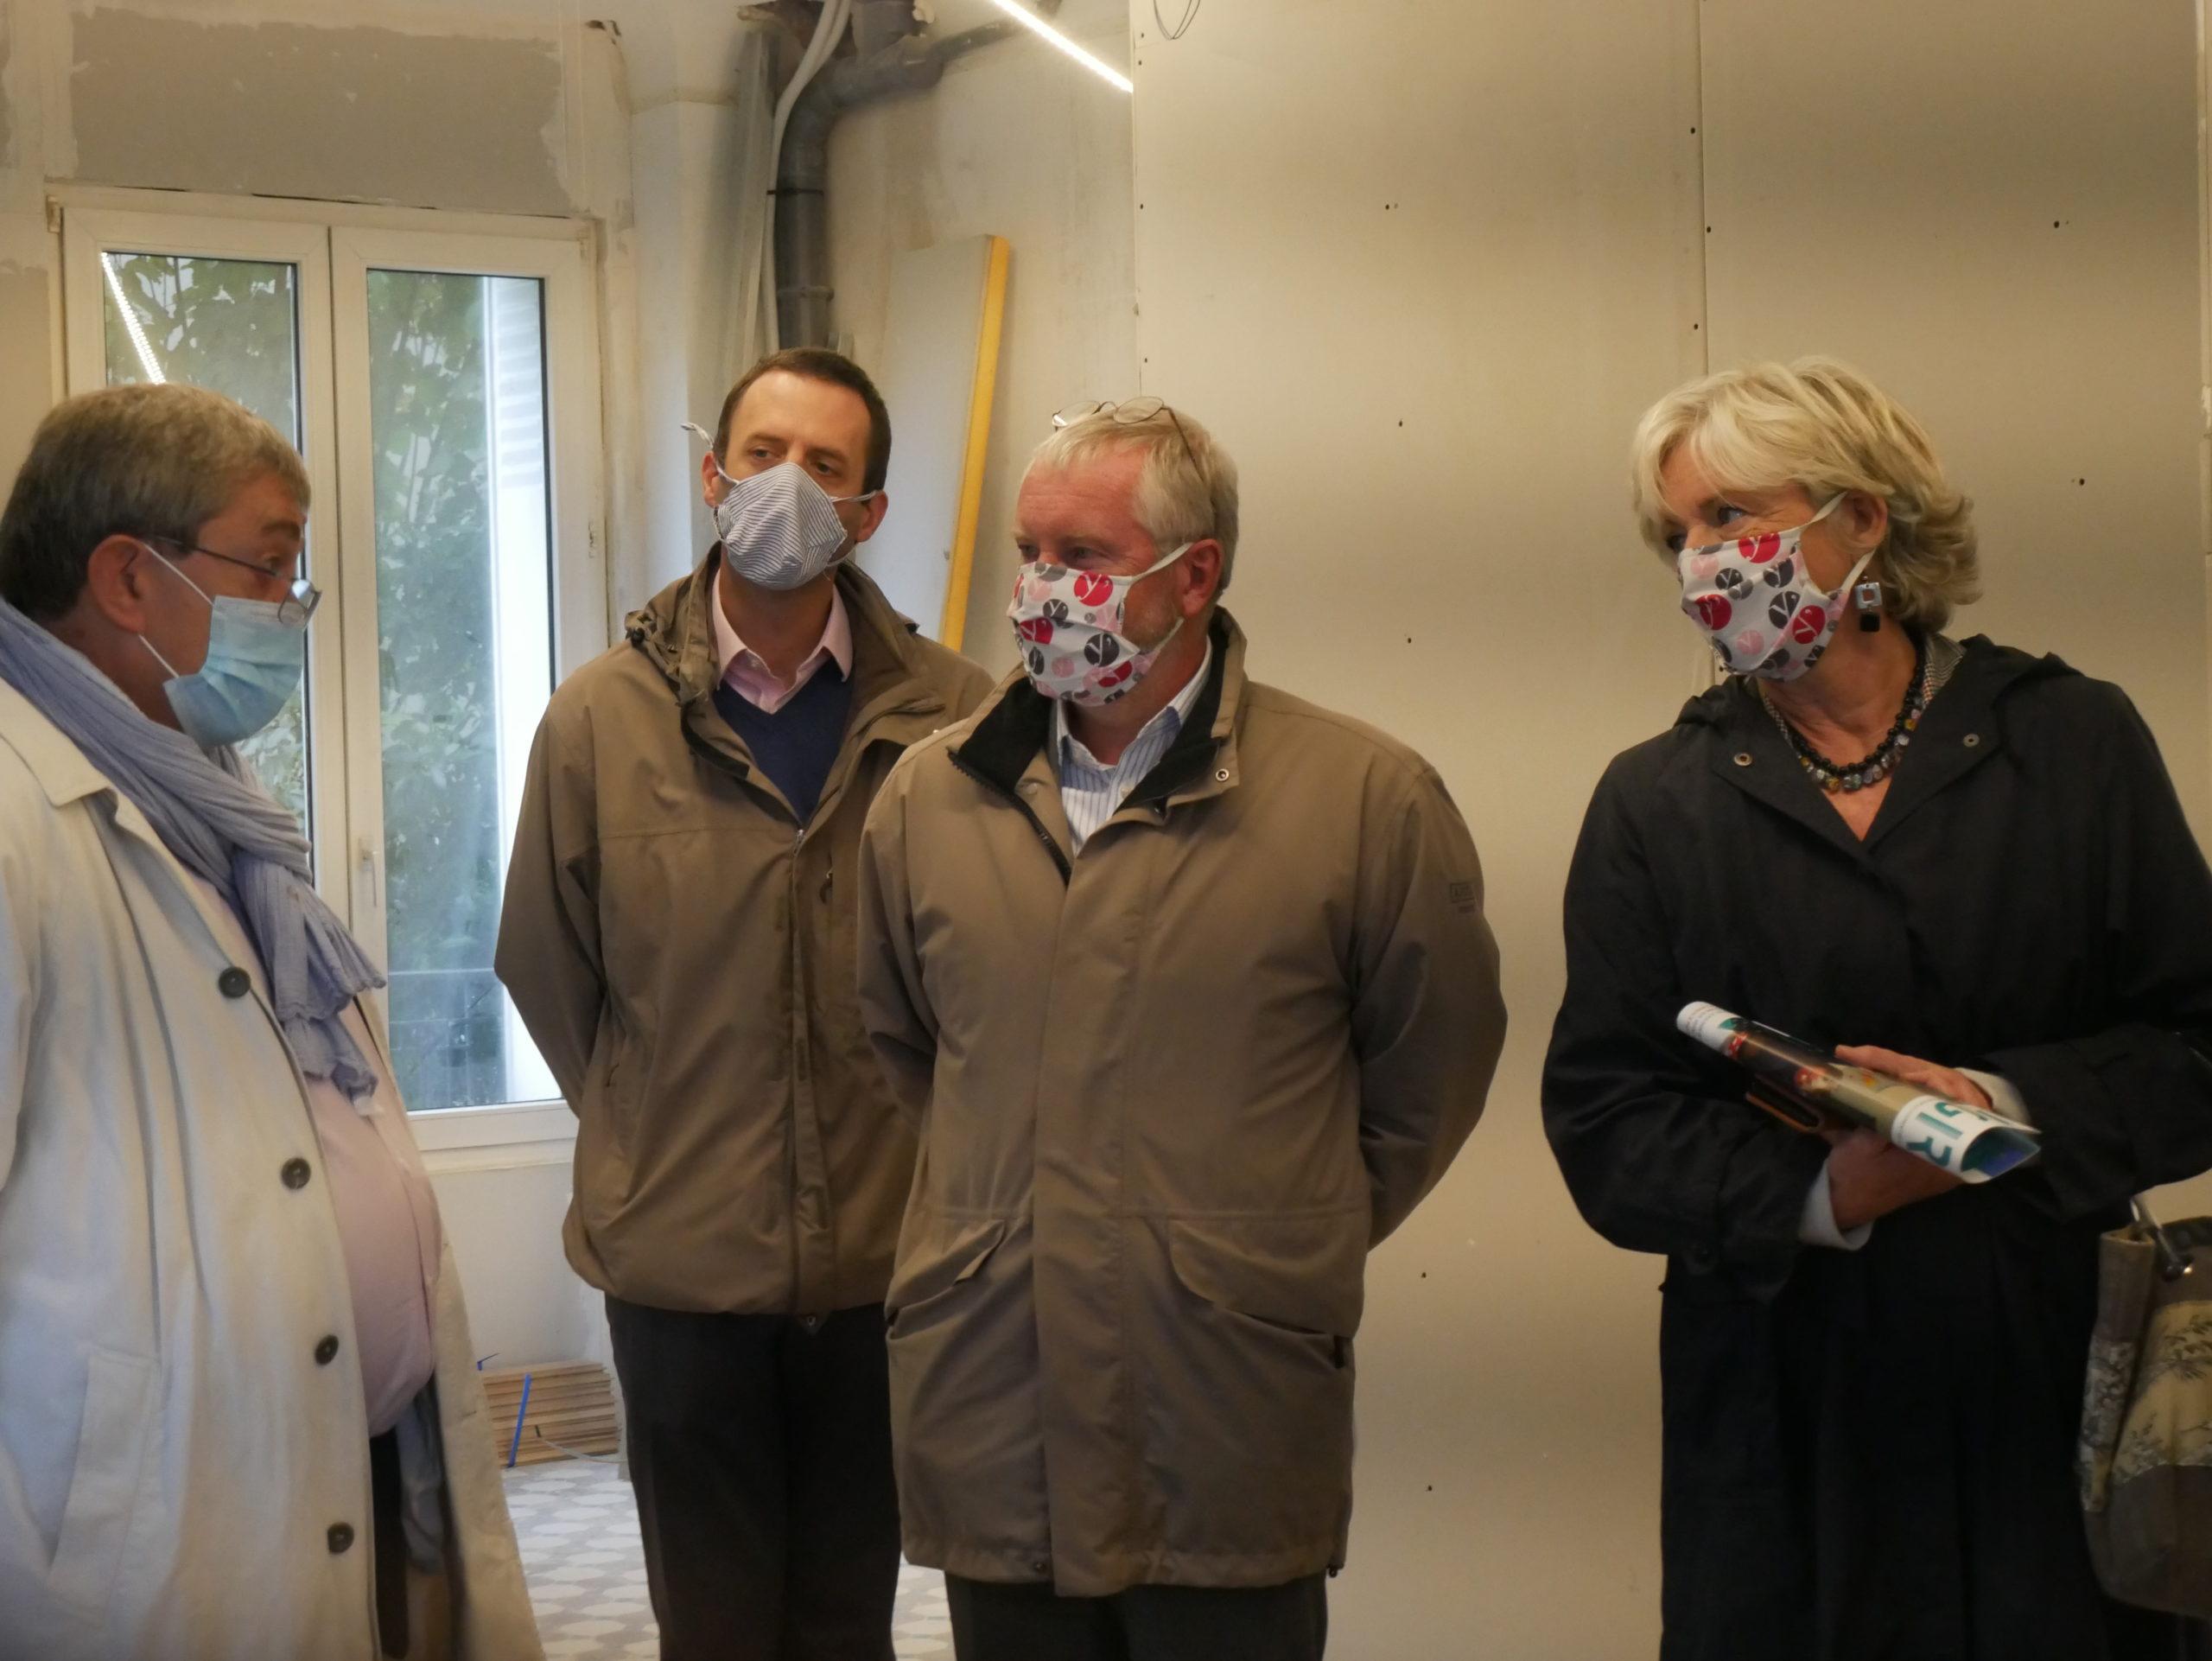 Visite du chantier avec Michel Récipon, président de la FLS, Olivier Lebrun, maire de Viroflay, et Marie-Hélène Aubert, vice-présidente du département